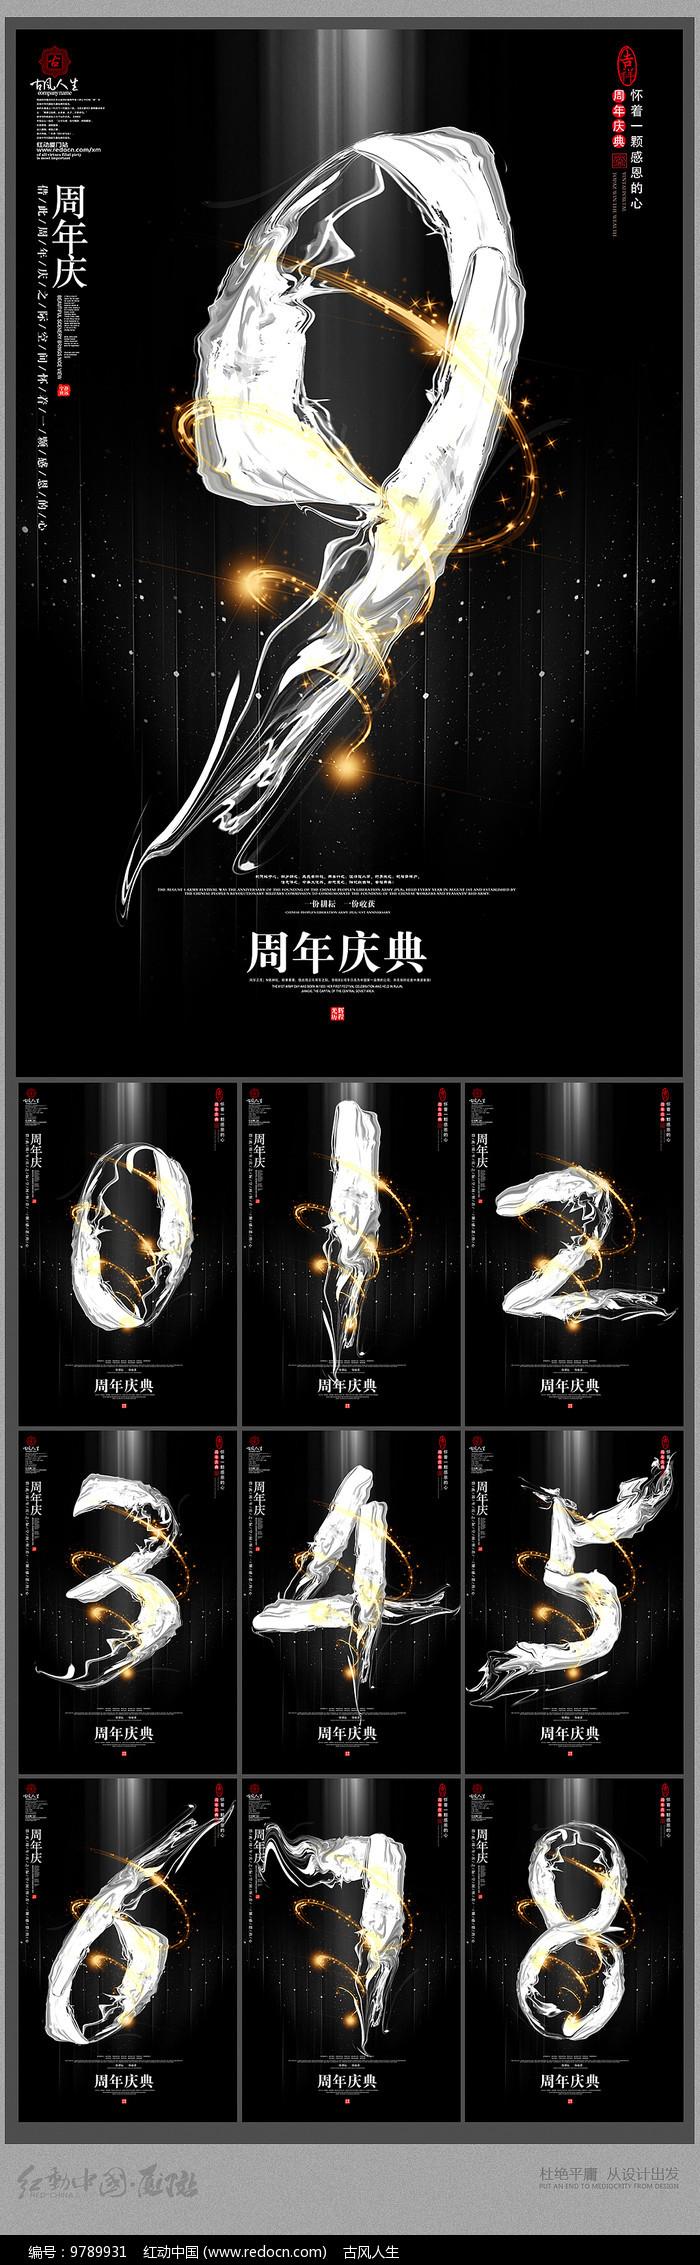 创意周年庆海报图片